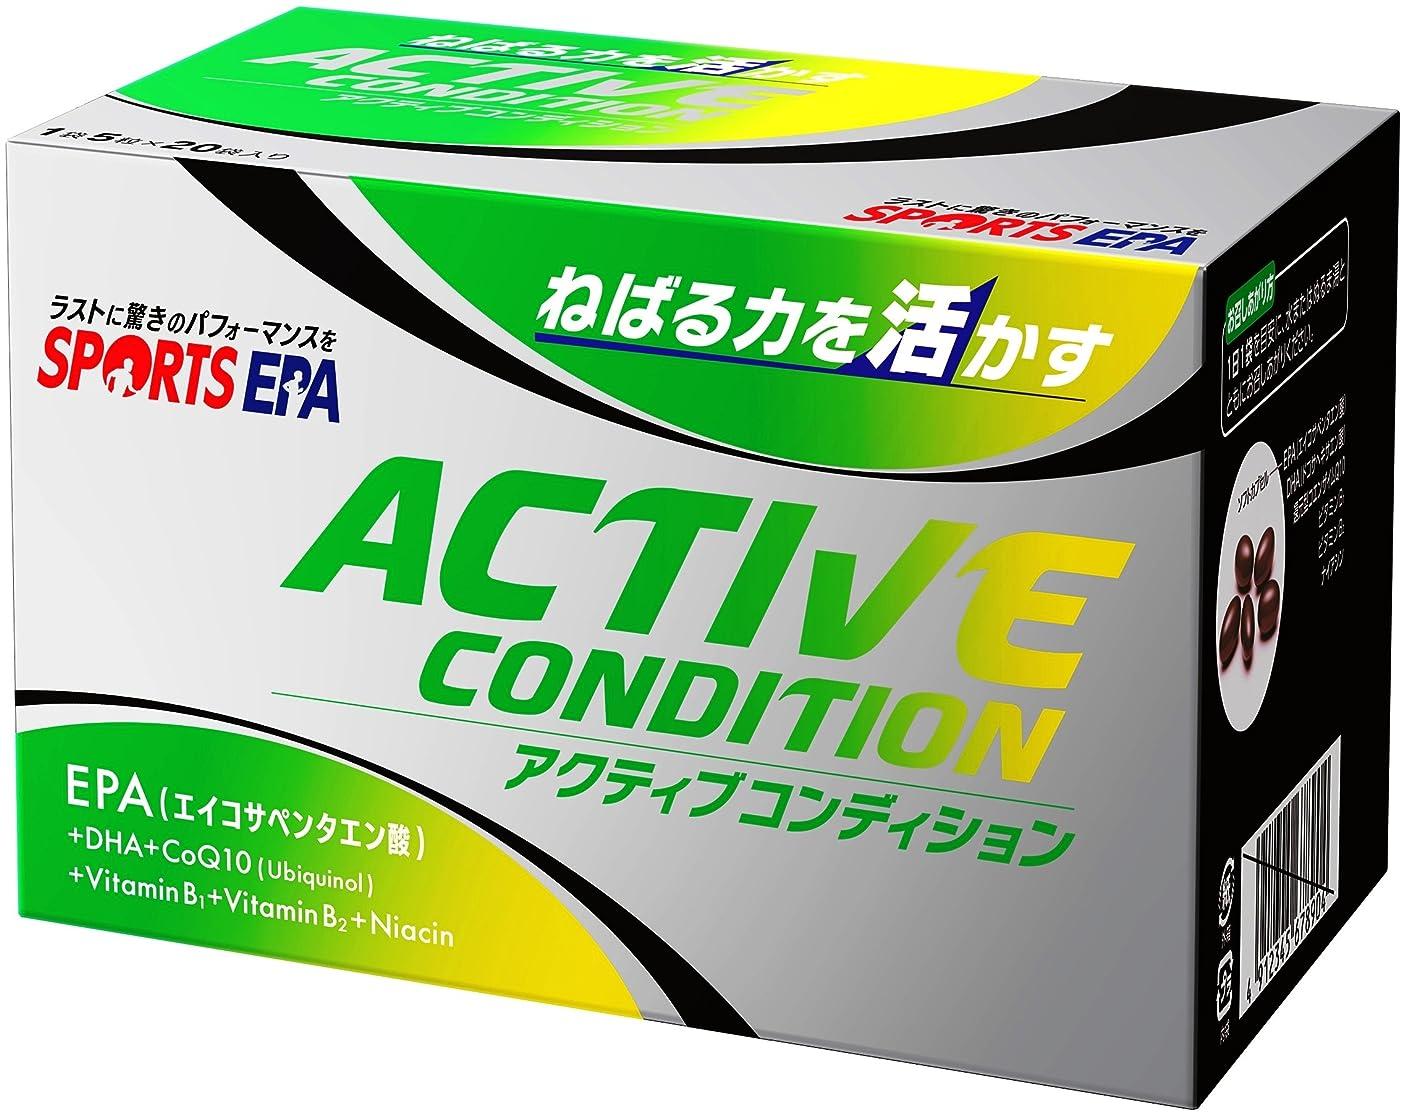 留まるしなやかな不毛のSPORTS EPA ACTIVE CONDITION 分包 20袋